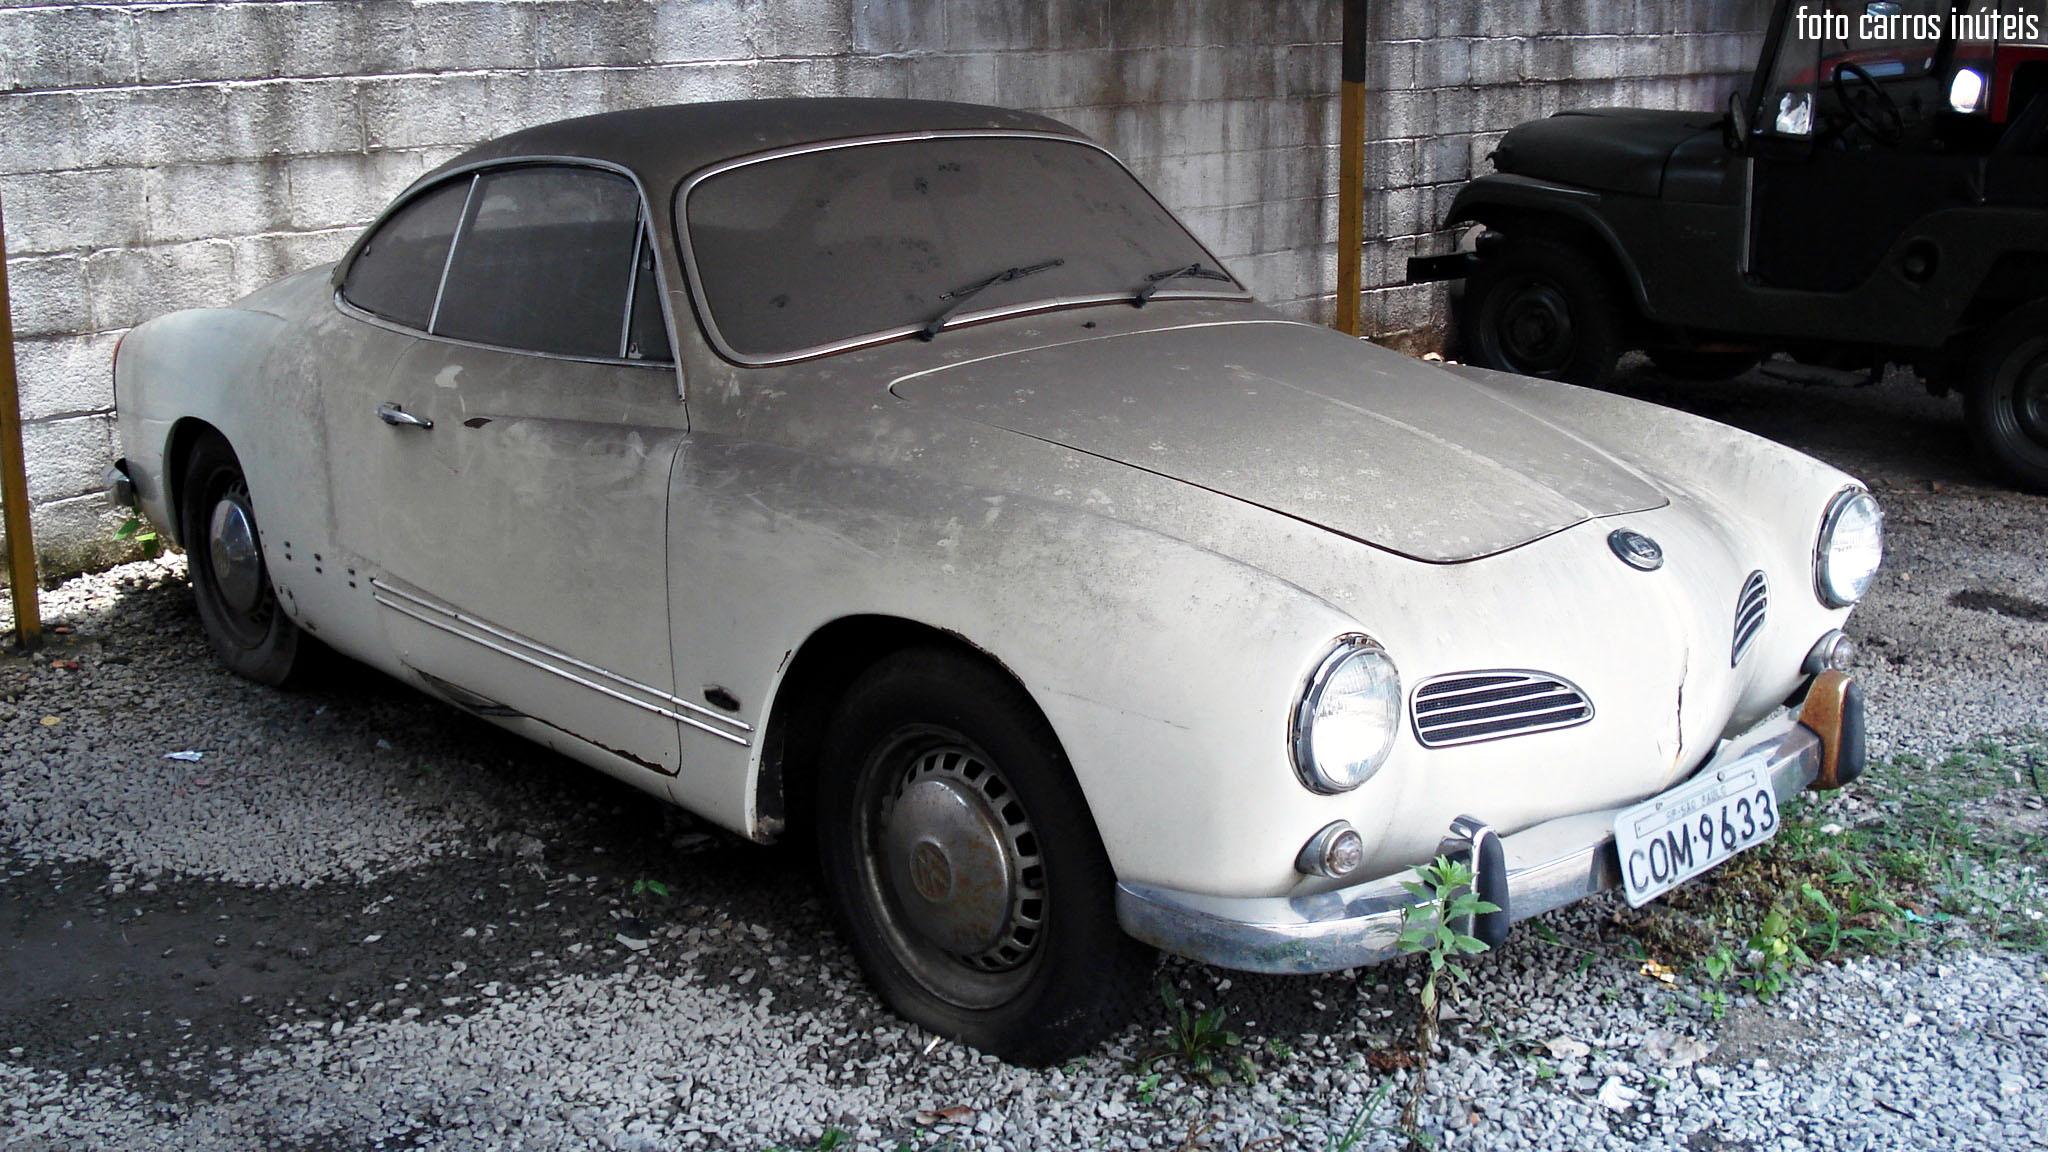 Vale A Pena Comprar Um Carro Antigo Para Restaurar Flatout